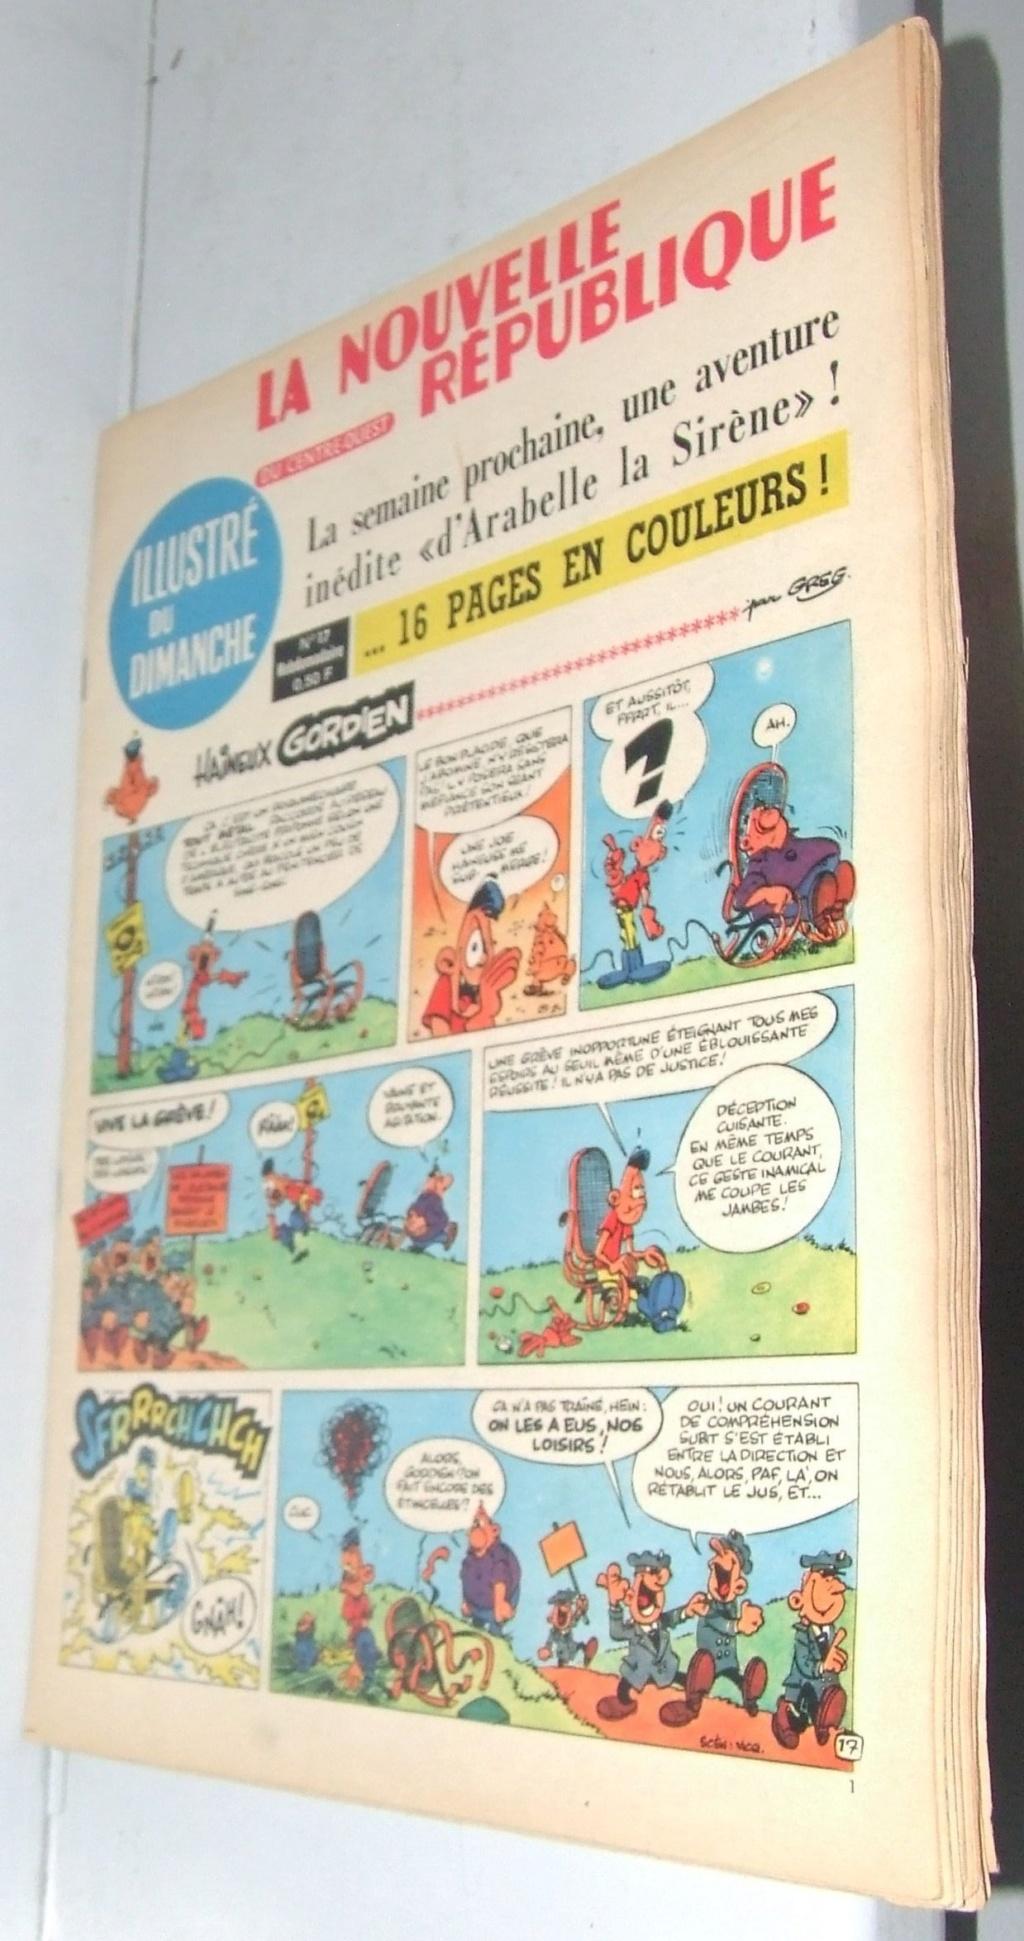 mesraretés ou ce que j'appelle raretés ! - Page 11 1967_012